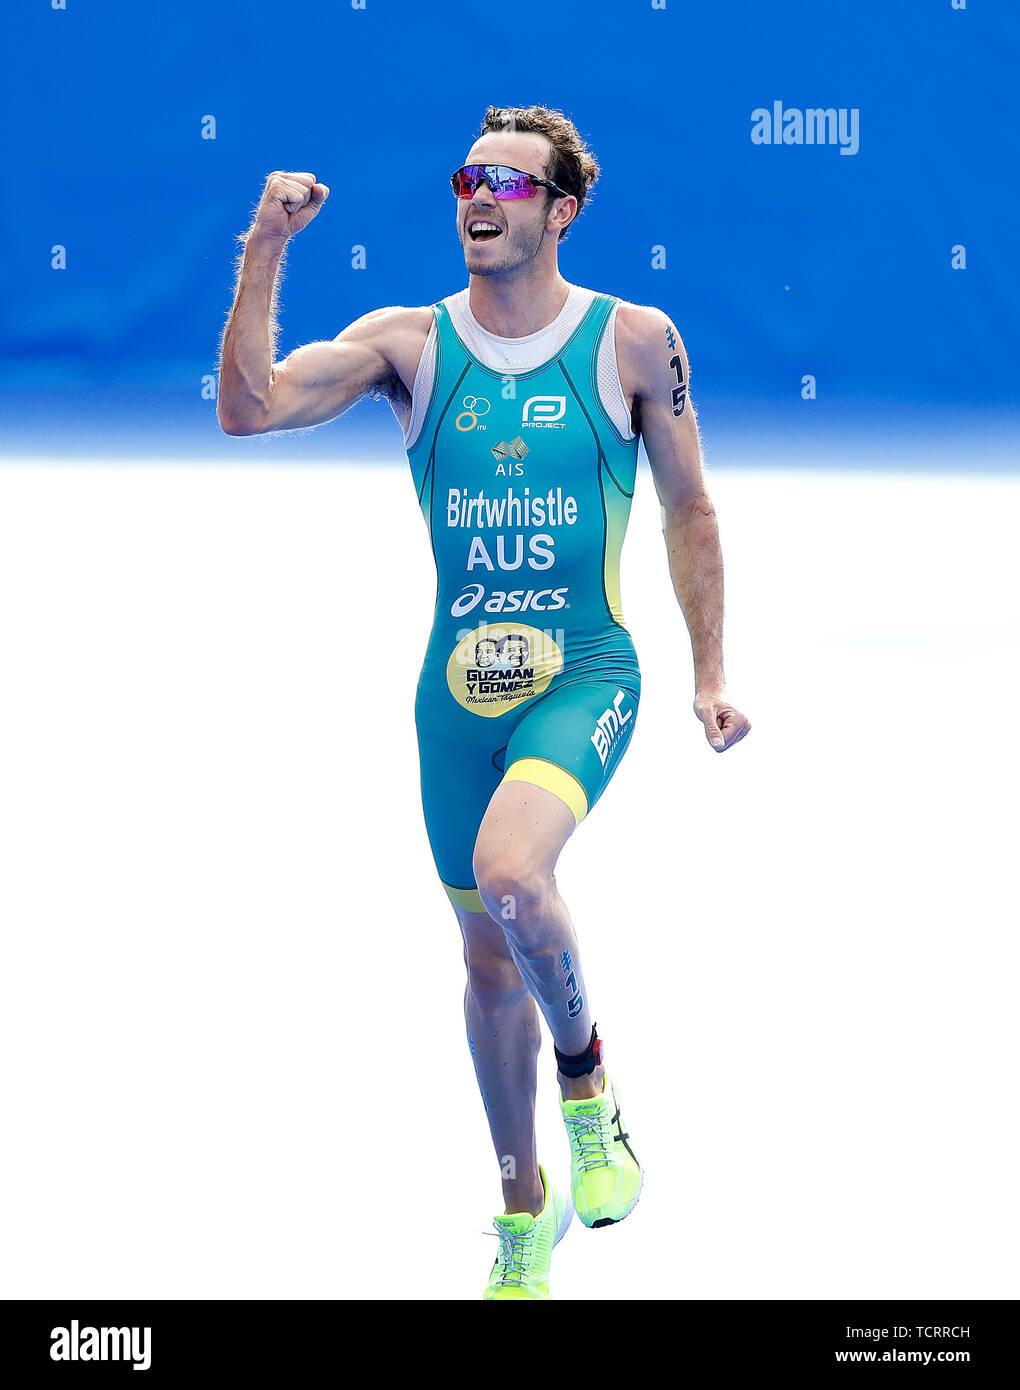 Australia dal Jacob Birtwhistle celebra vincendo il maschile di triathlon, durante il 2019 ITU Triathlon World Series Evento in Leeds. Immagini Stock